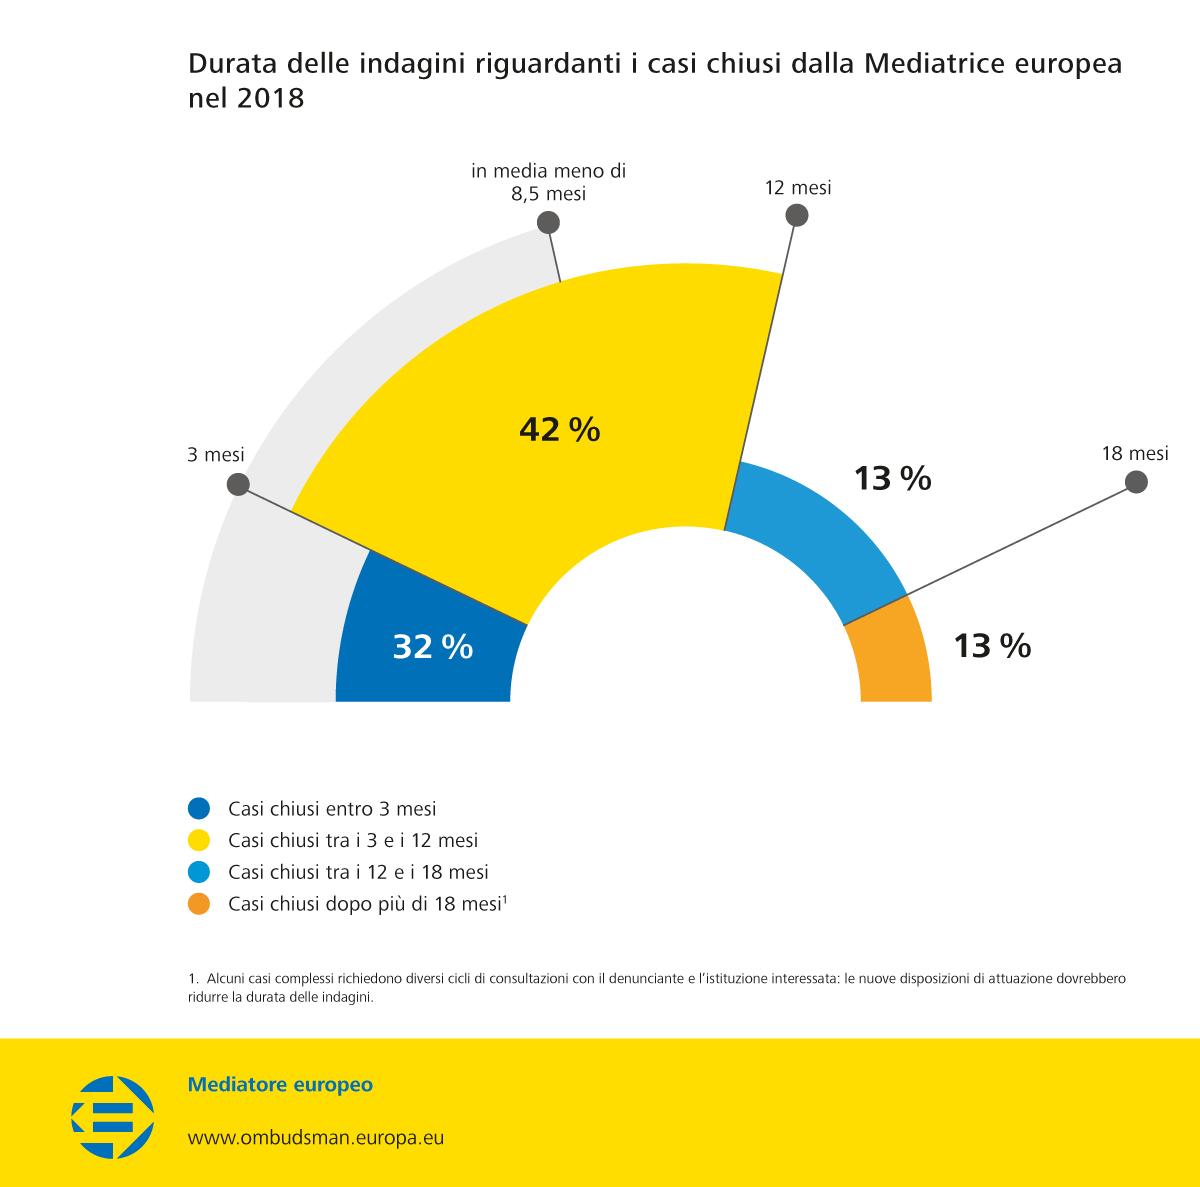 Durata delle indagini riguardanti i casi chiusi dalla Mediatrice europea nel 2018